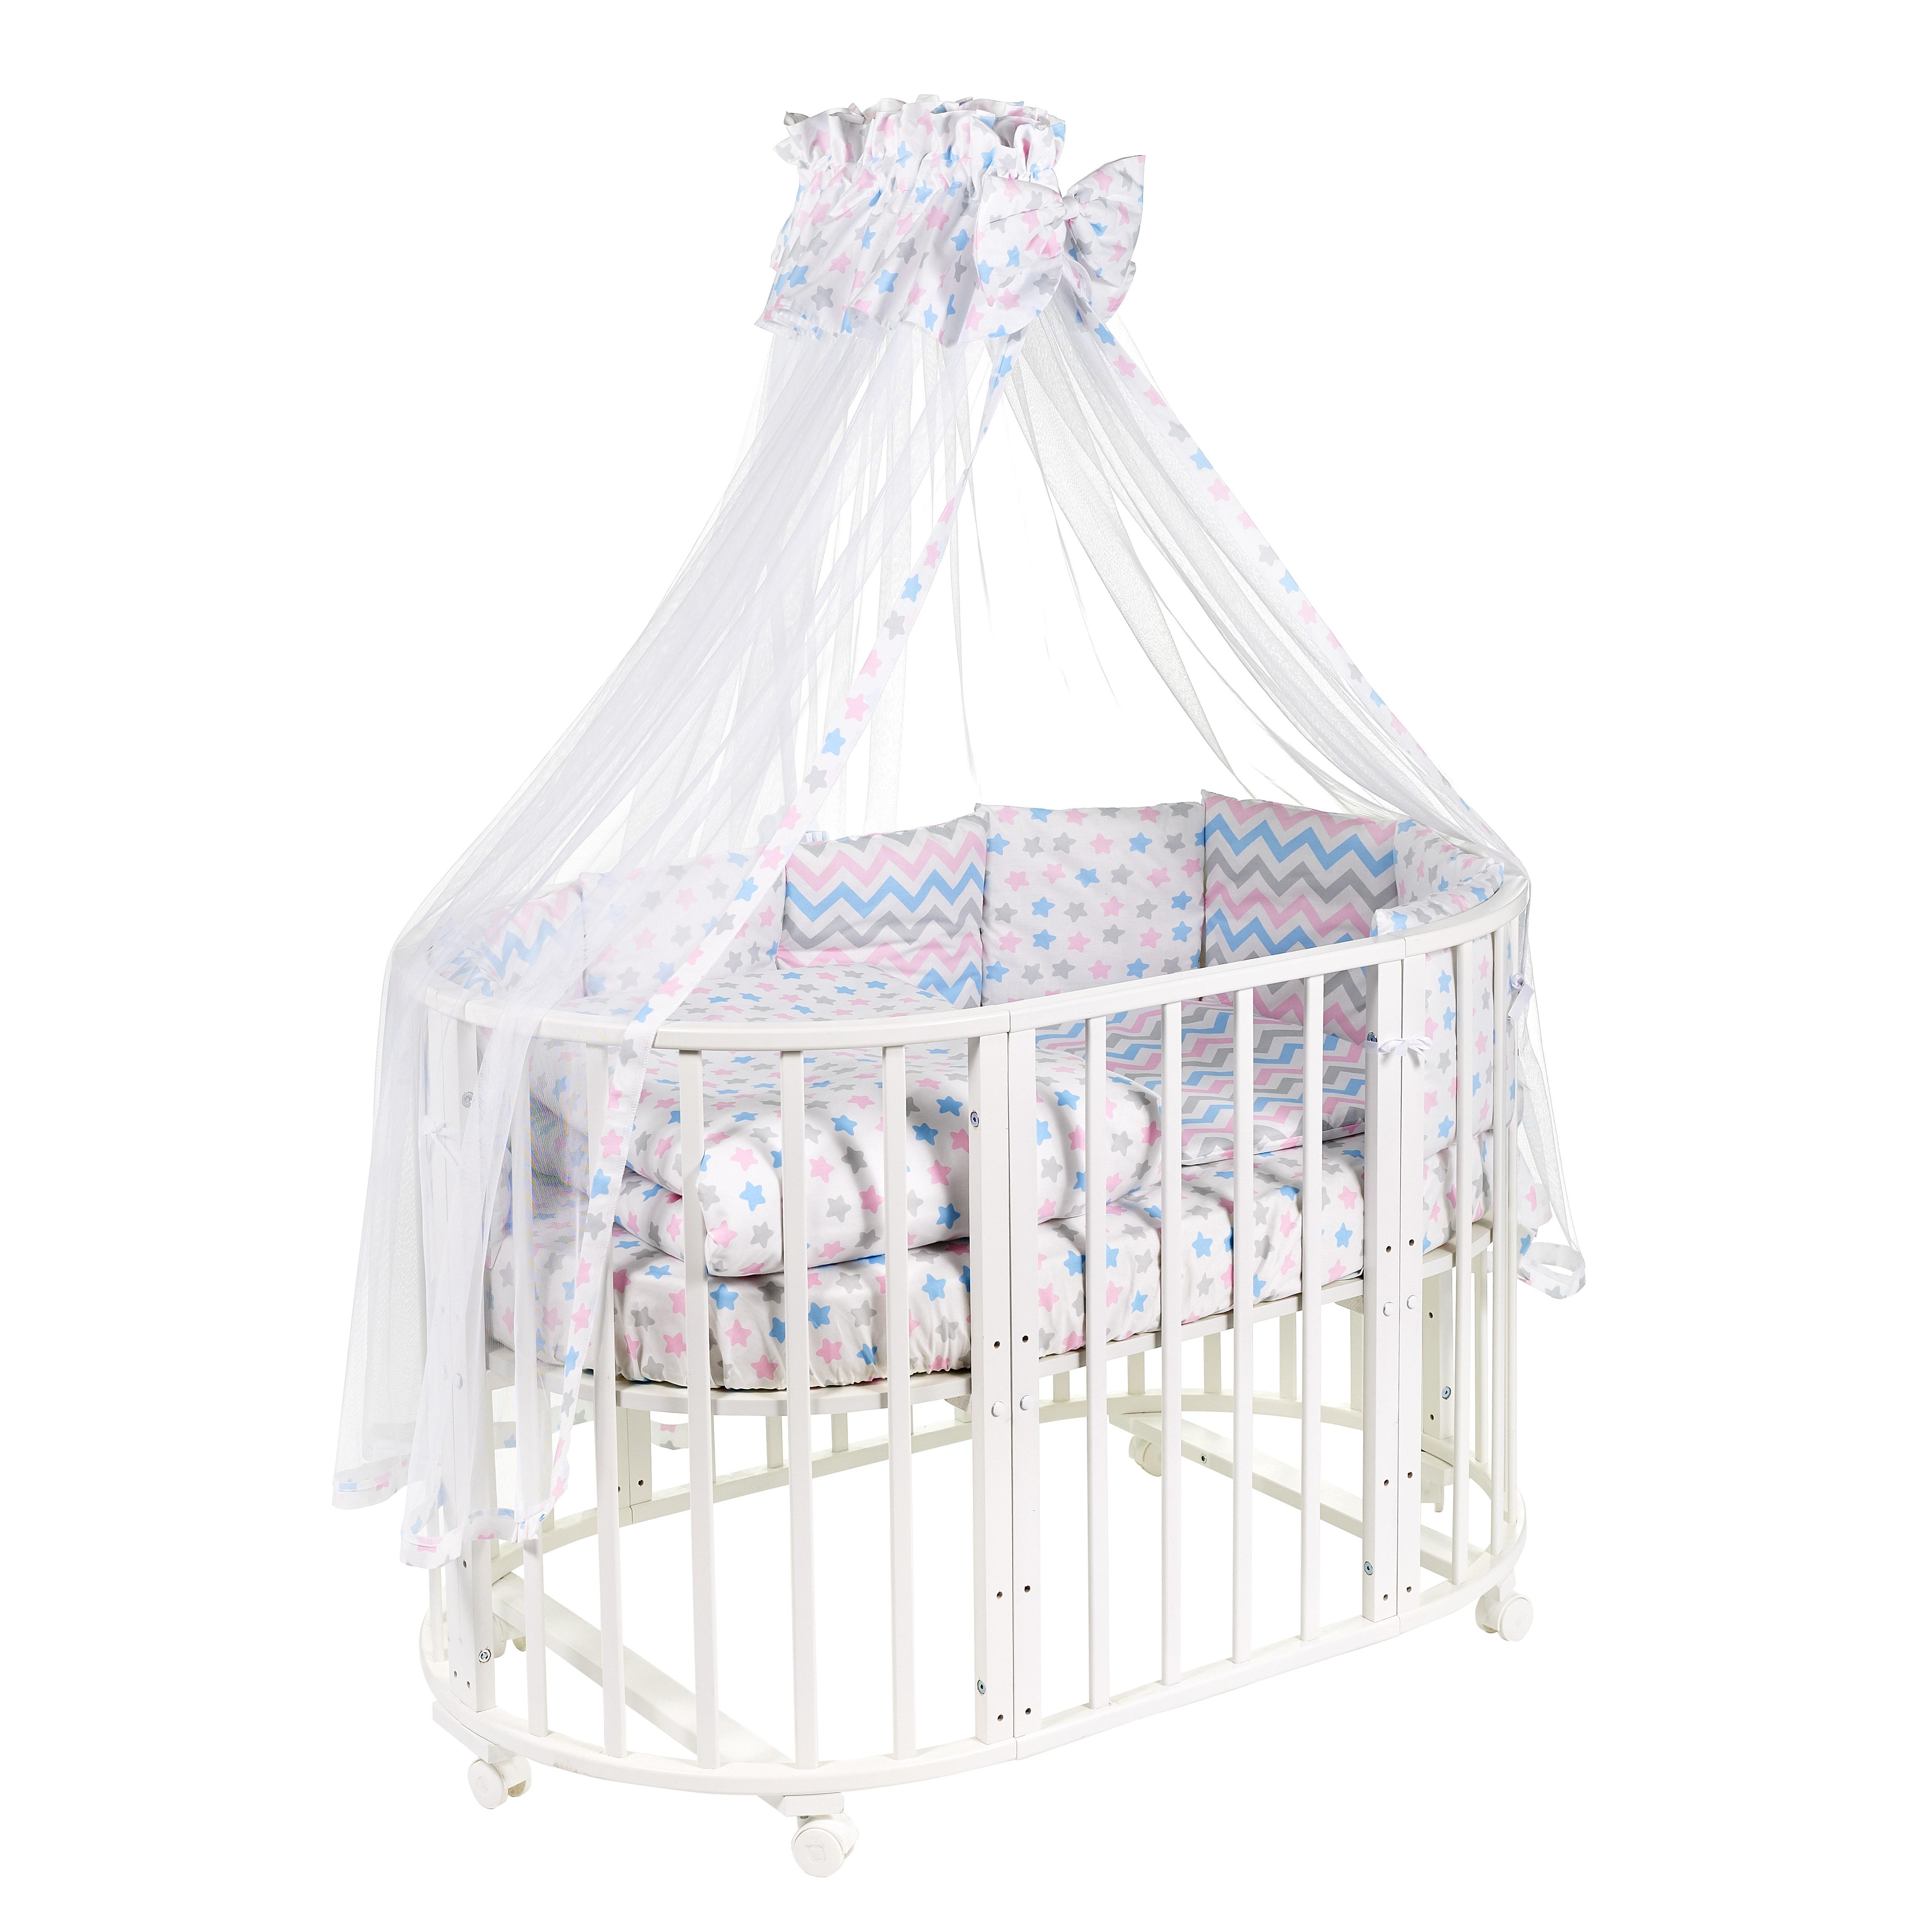 Постельные принадлежности Sweet Baby «Stellino Rosa» 8 предметов розовый поплин комплект в кроватку sweet baby stelle rosa розовый 7 предметов поплин